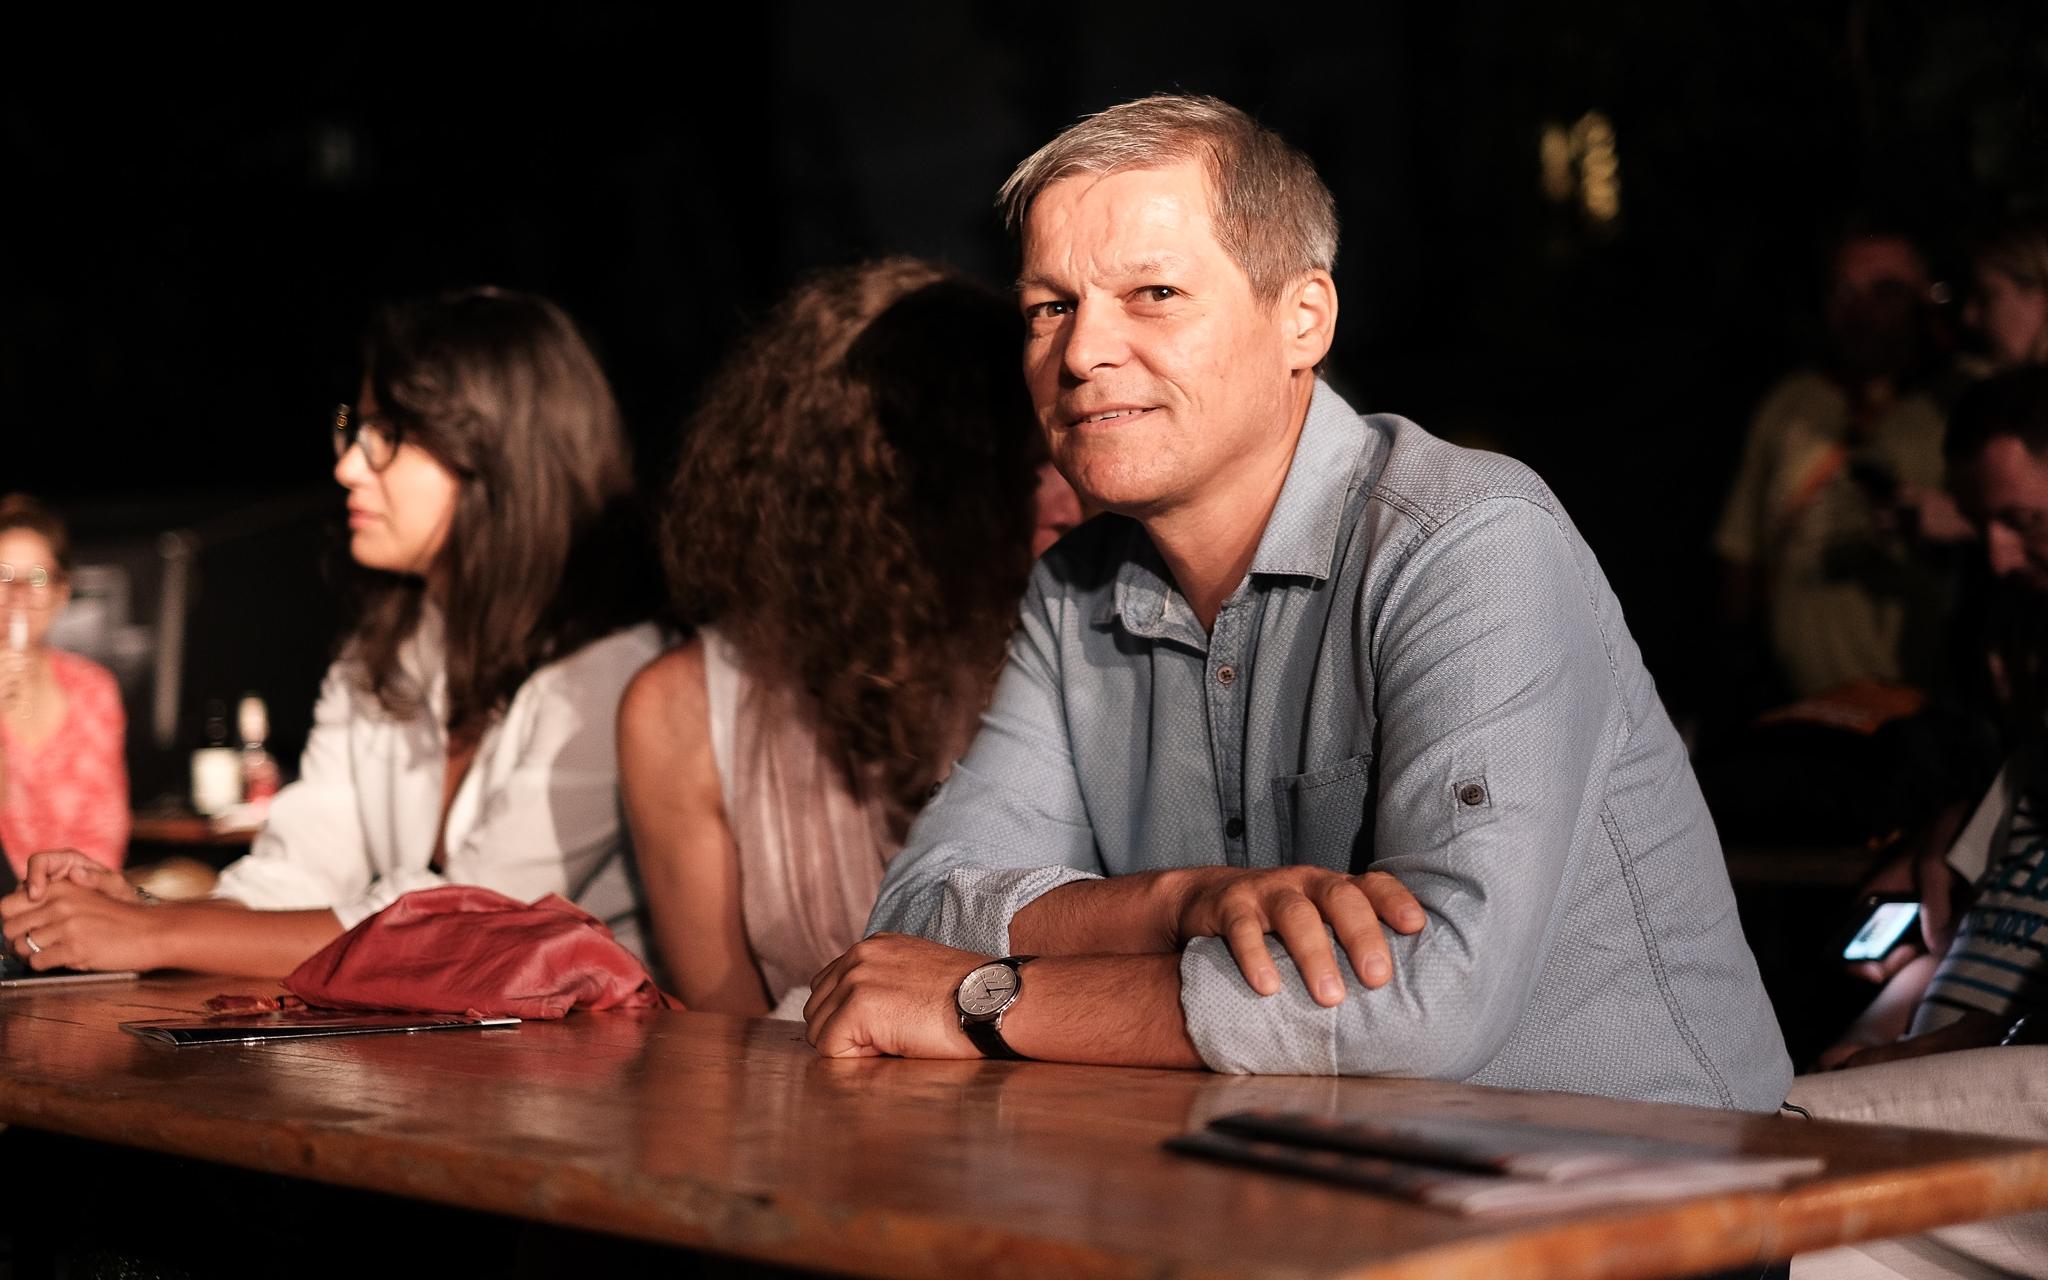 Cioloș, pentru a doua oară nominalizat de Klaus Iohannis în fruntea Guvernului. De la guvernul post-Ponta, la criza politică din pandemie. BIOGRAFIE